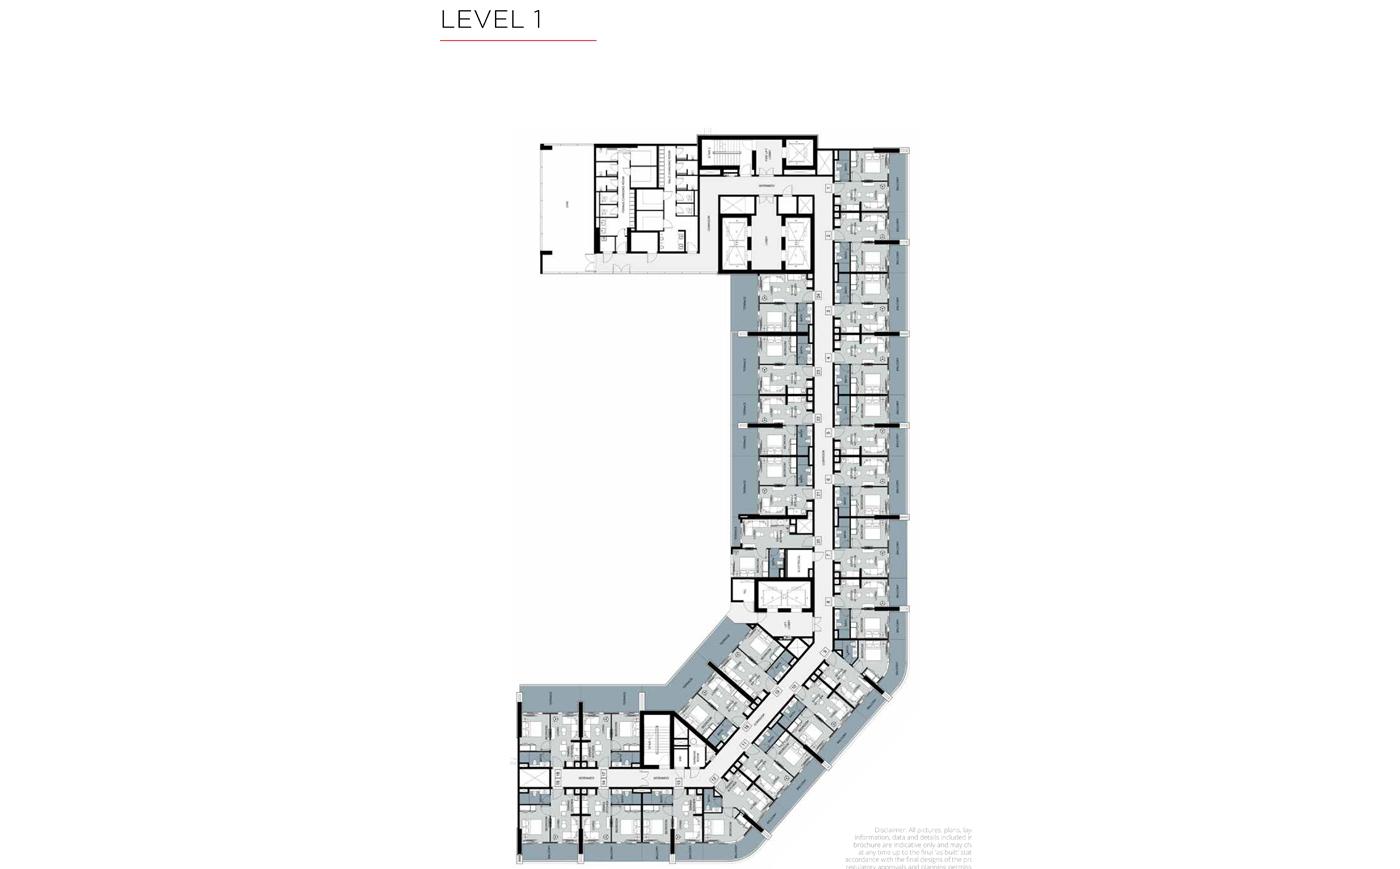 مخطط طوابق نموذجي ، المستوى 1